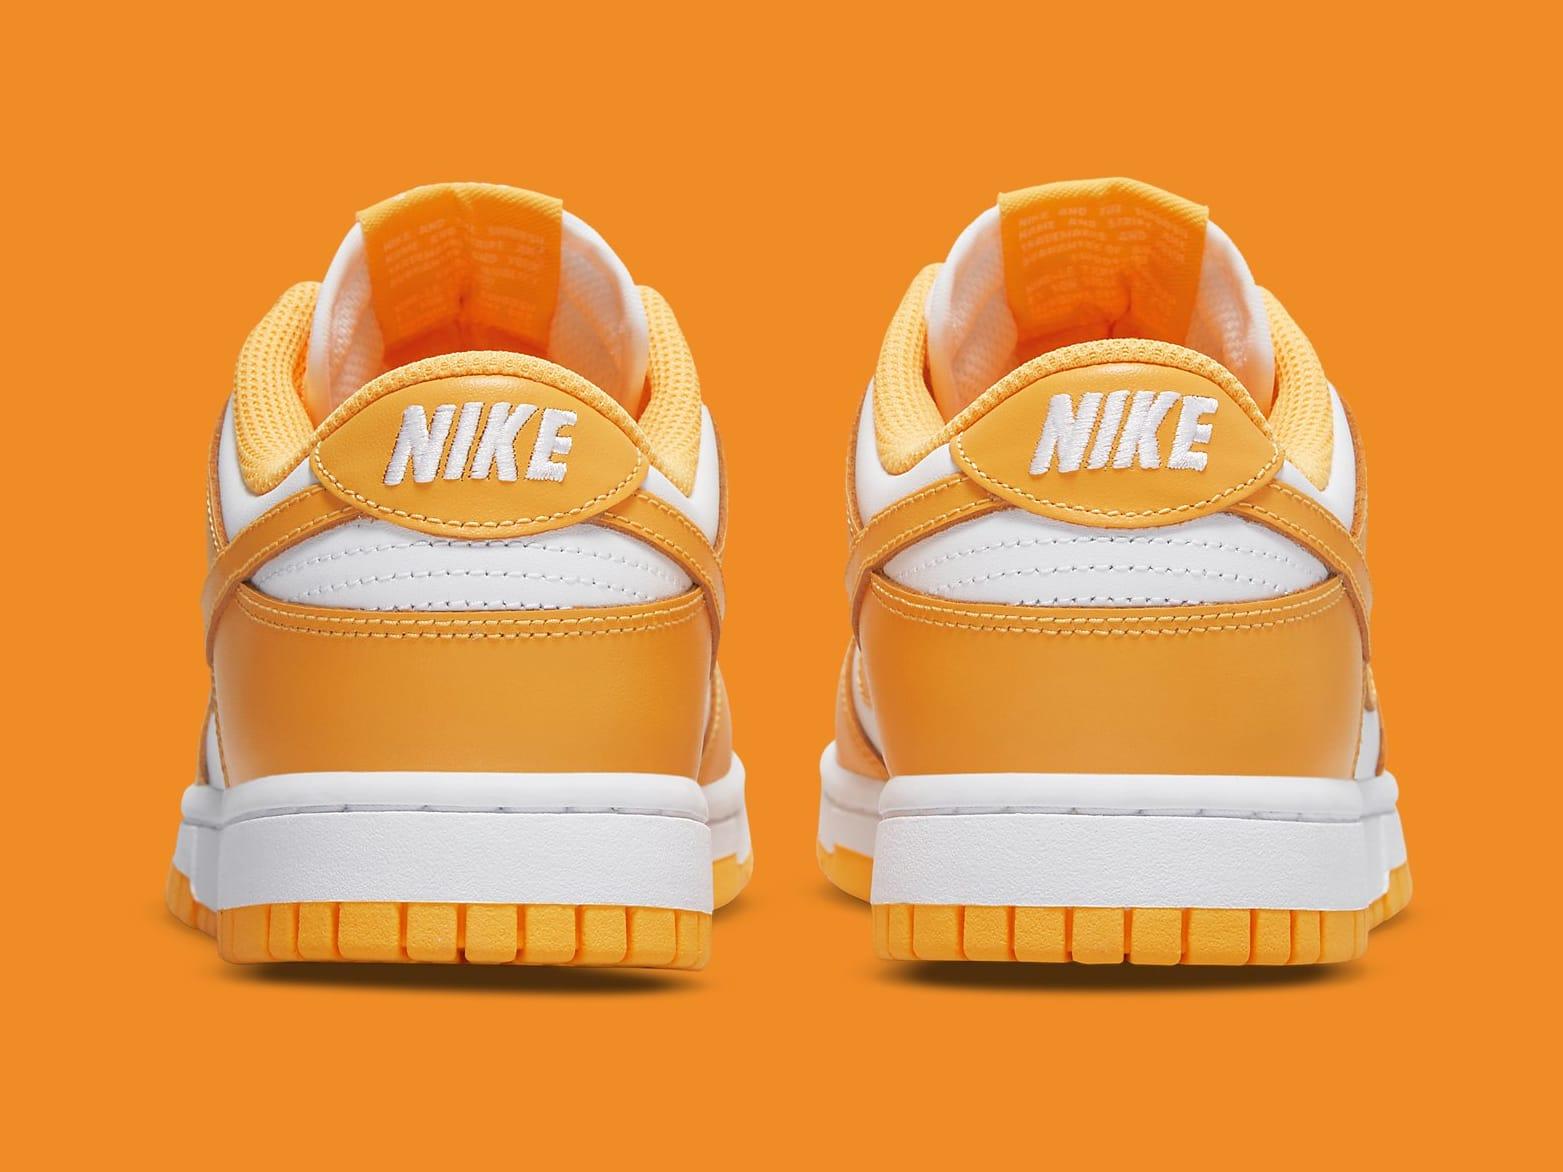 Nike Dunk Low Laser Orange Release Date DD1503-800 Heel